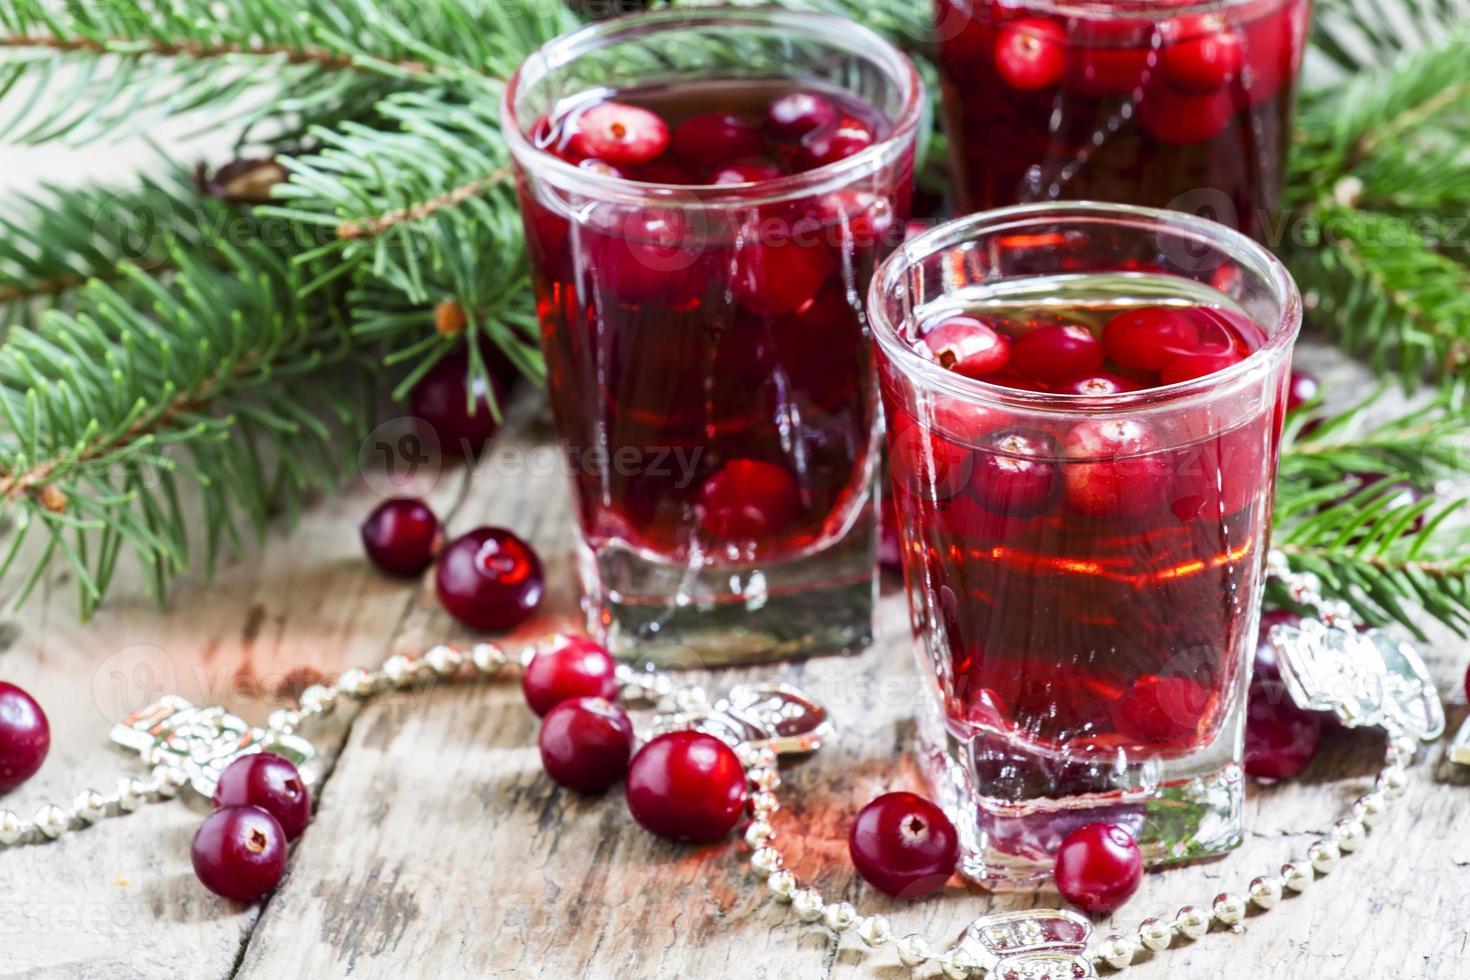 boisson aux canneberges sur fond de Noël photo